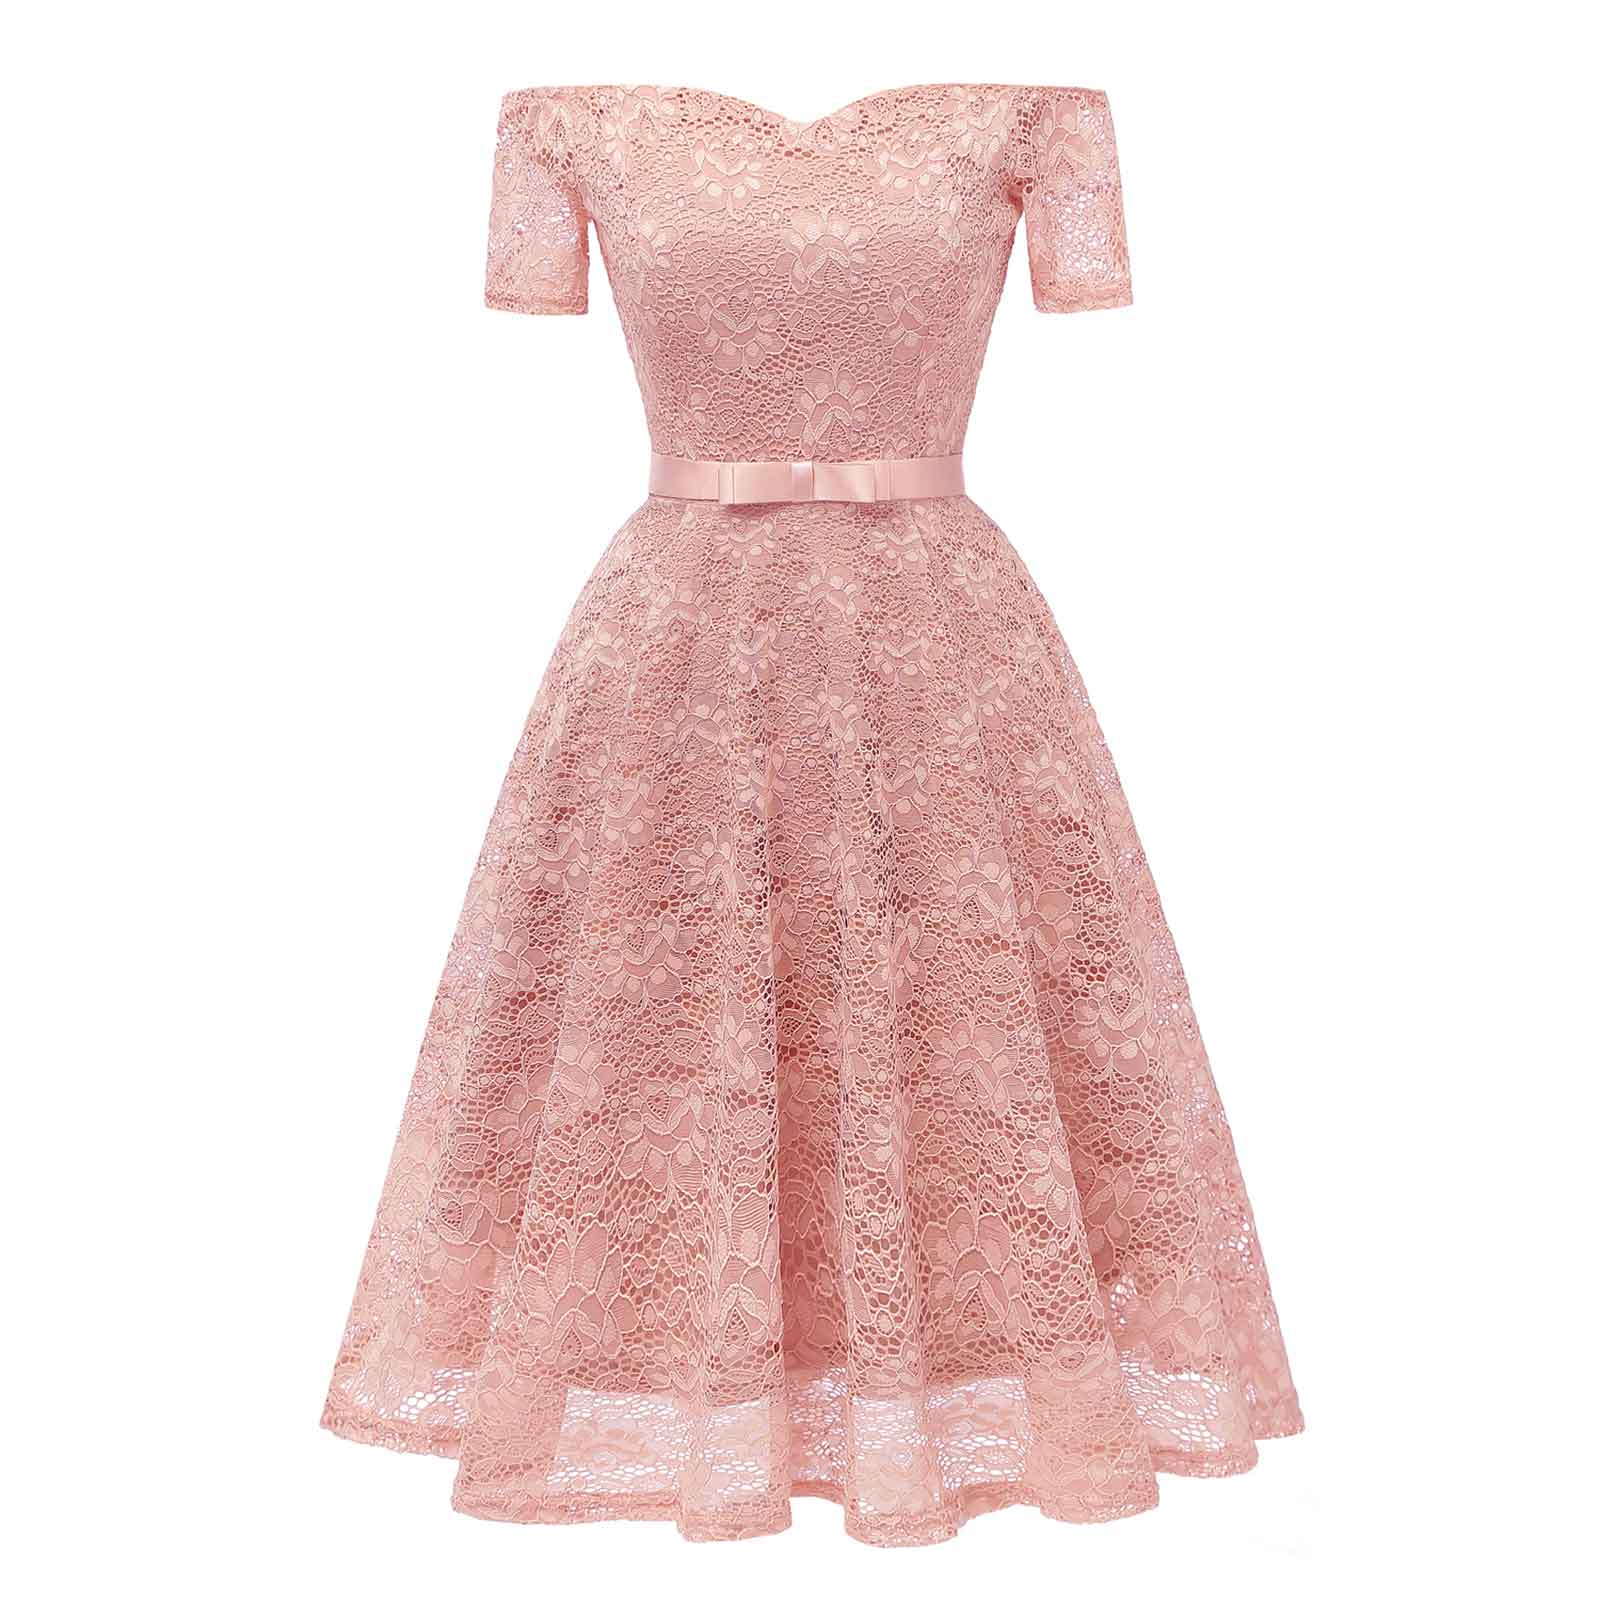 01ef805c734 Midi Off Shoulder Classic Bowknot Evening Wedding Bridesmaid Dress ...